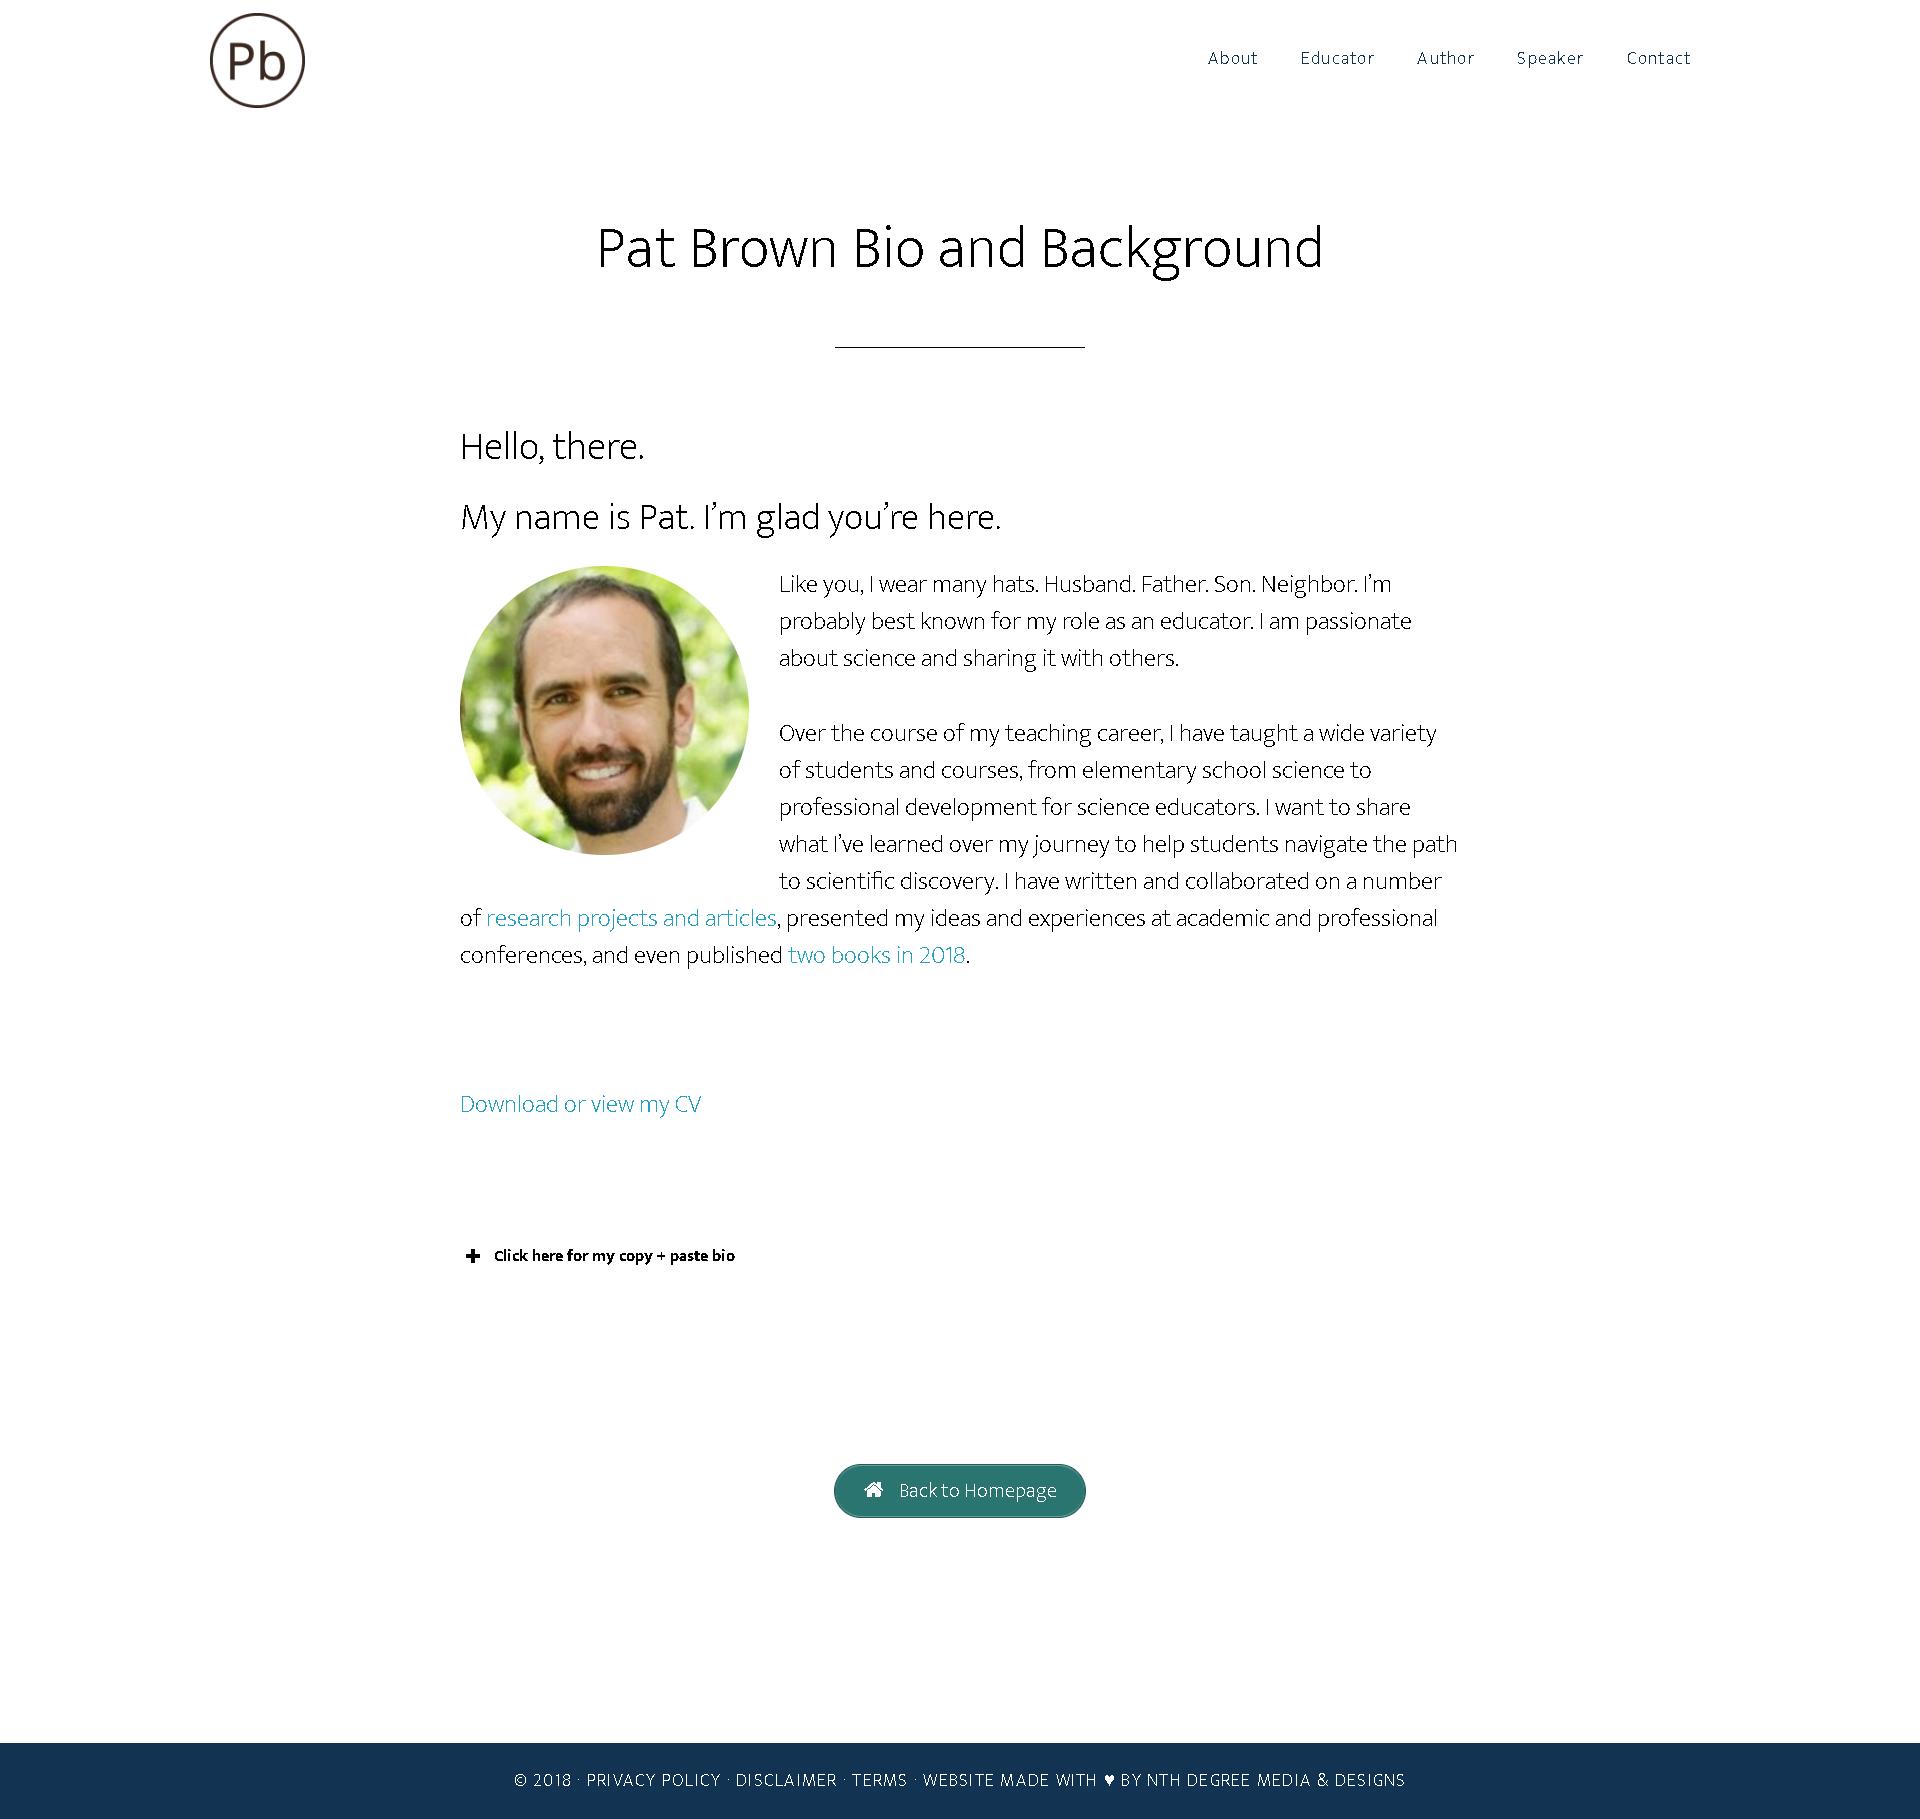 Screenshot: Bio page at patbrownedu.com